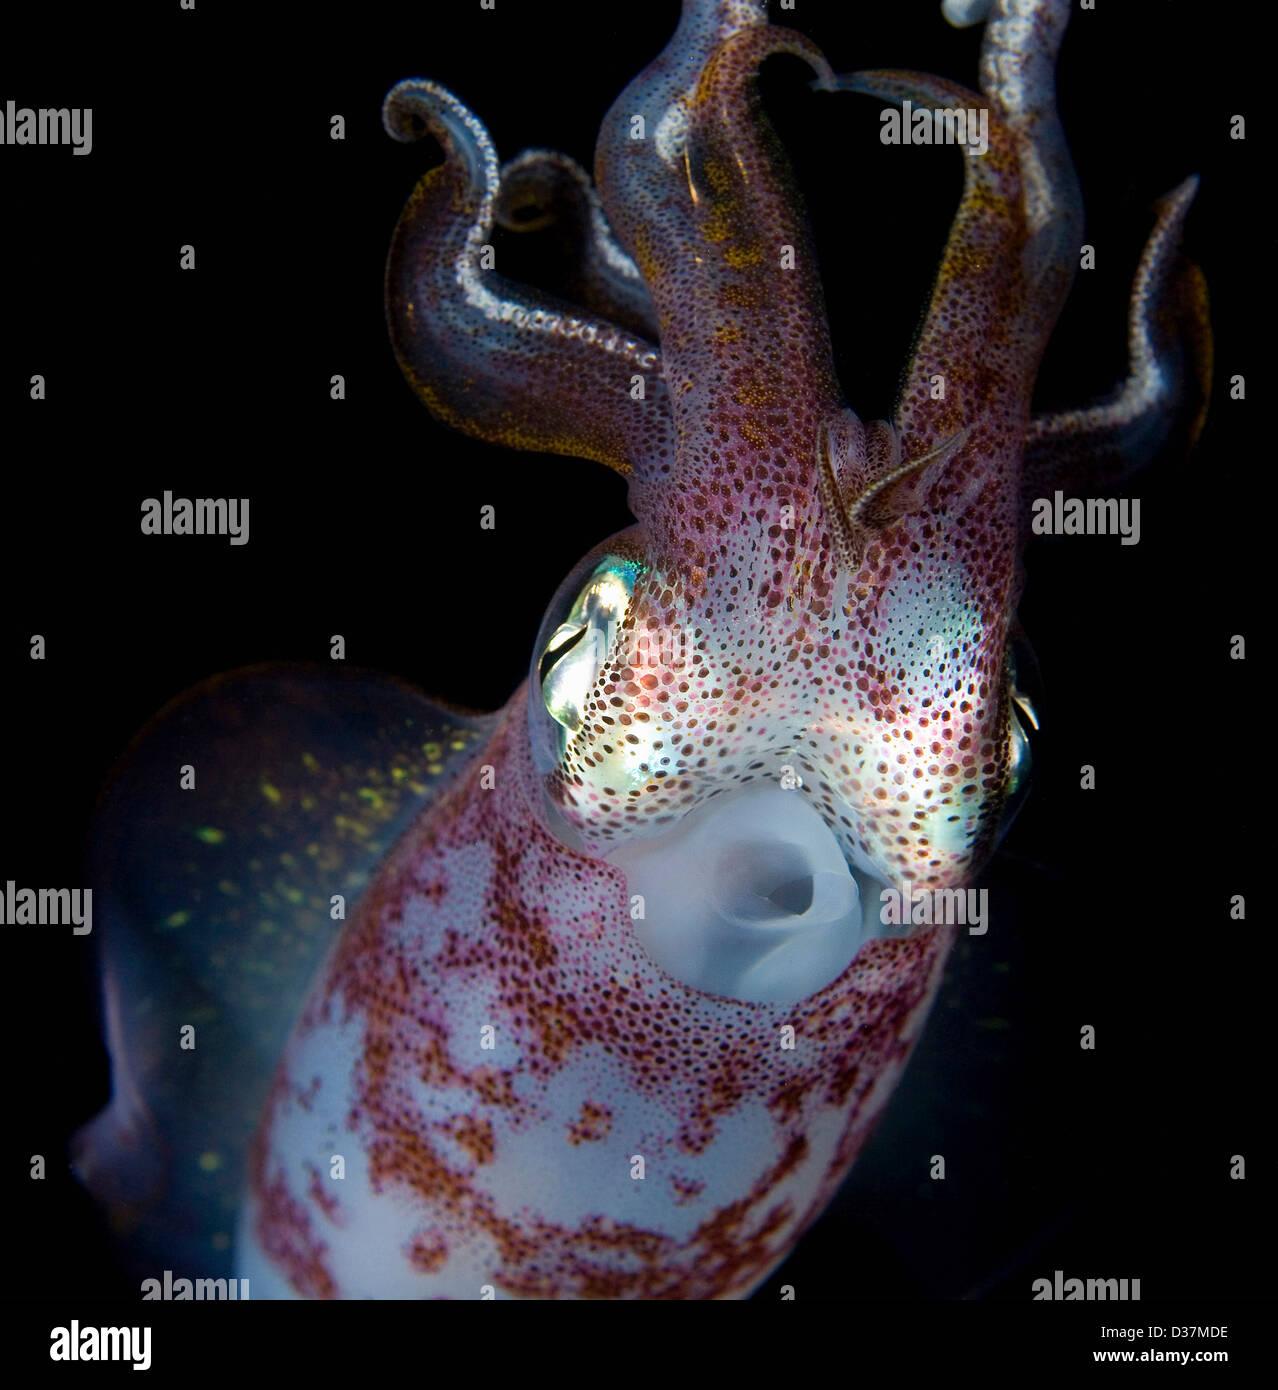 Nahaufnahme von Squid unter Wasser in der Nacht Stockfoto